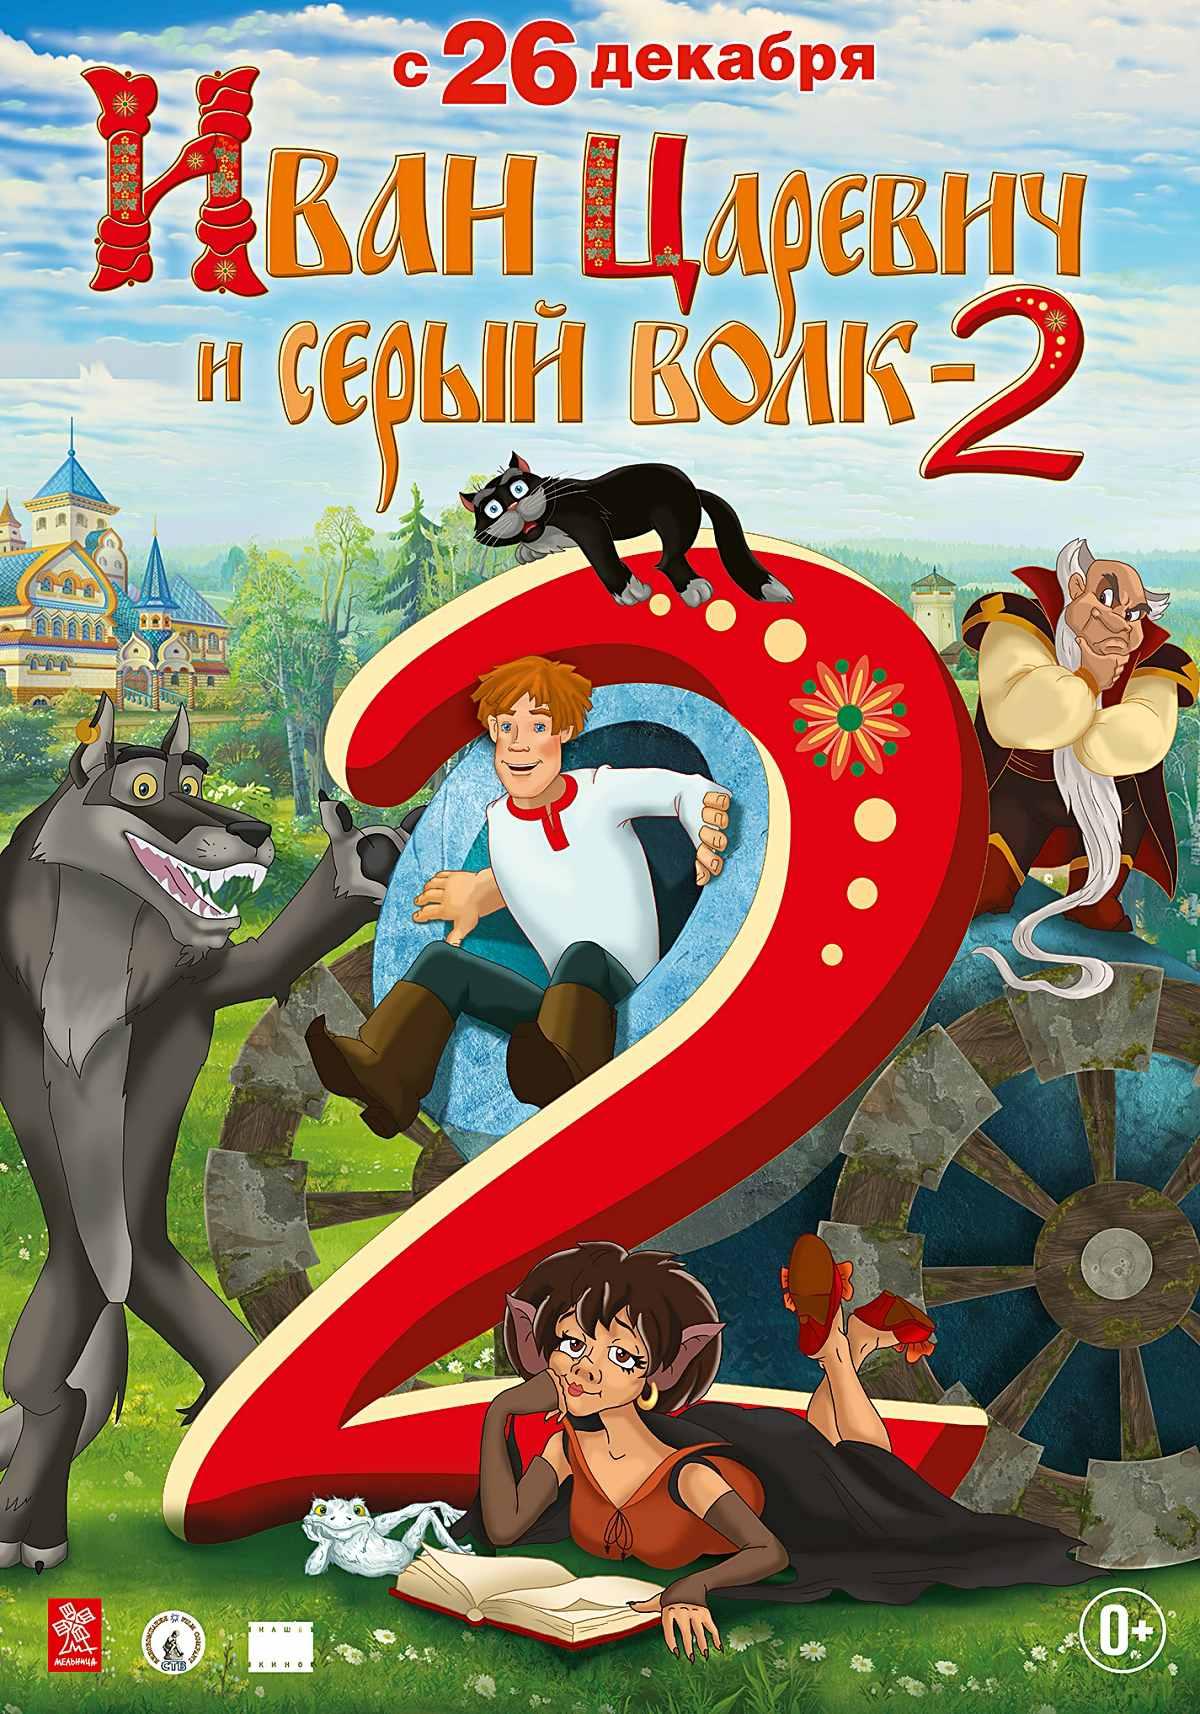 Иван Царевич и серый волк-2 [2013]